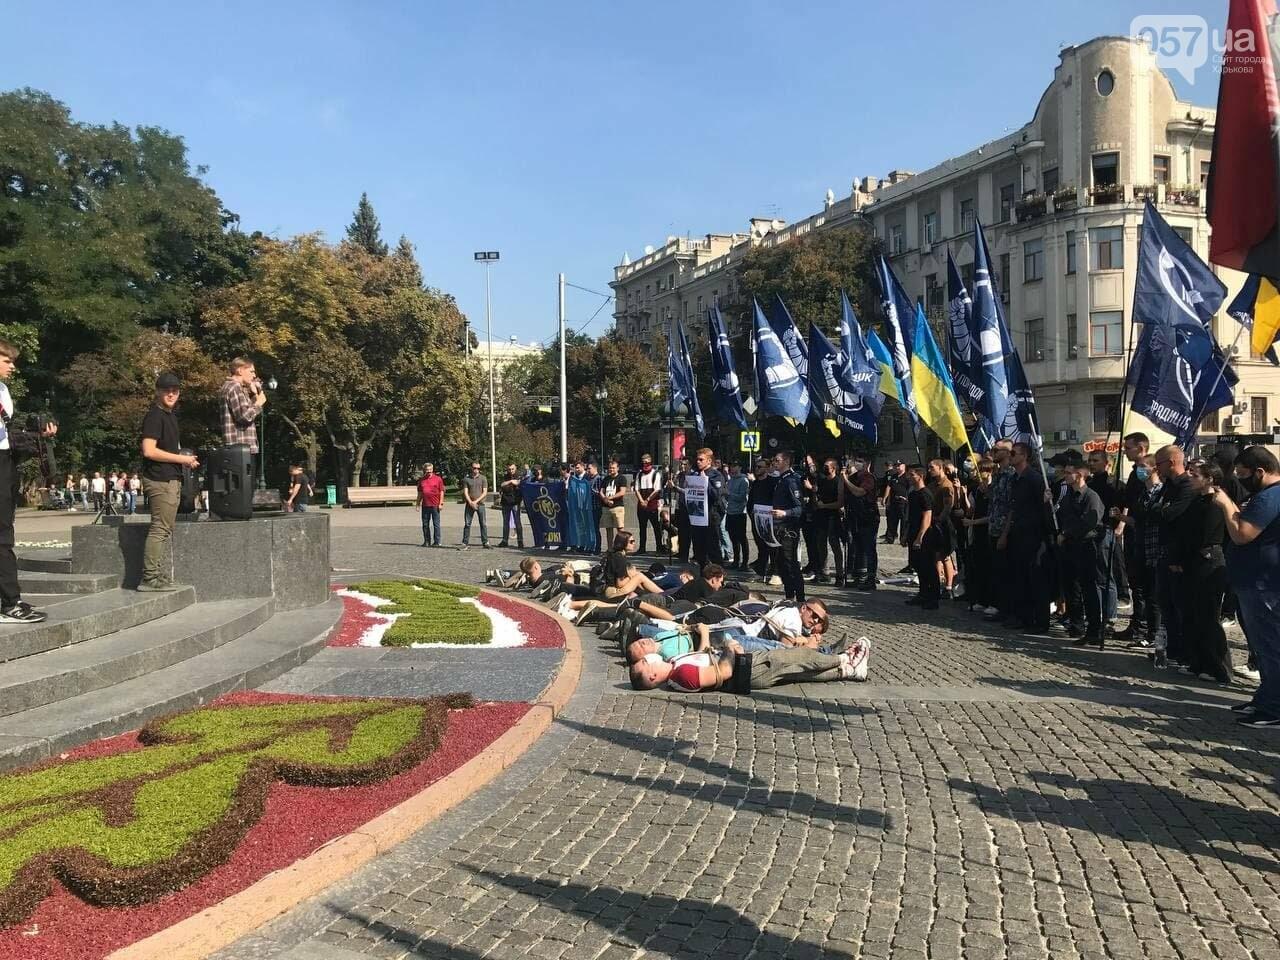 «Связанные» активисты и плакаты напротив дороги: в центре Харькова националисты митинговали против ЛГБТ-марша, - ФОТОРЕПОРТАЖ, фото-10